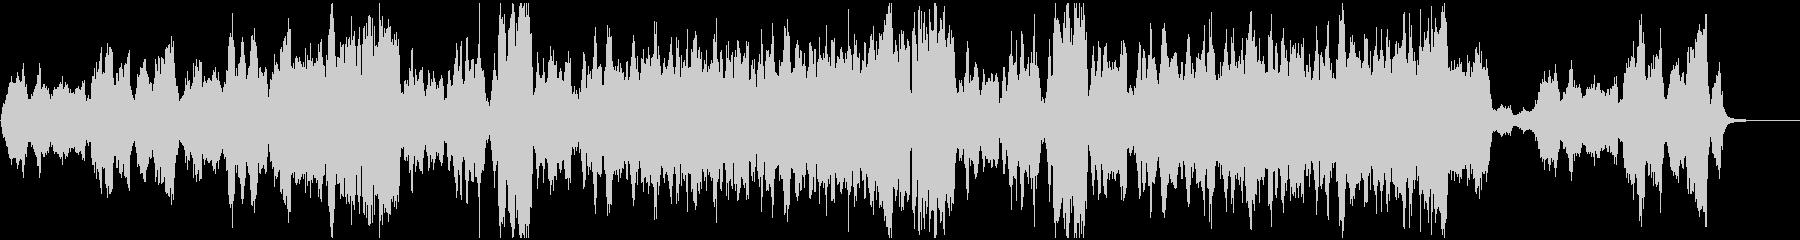 感動映像のための弦楽四重奏クラシックの未再生の波形